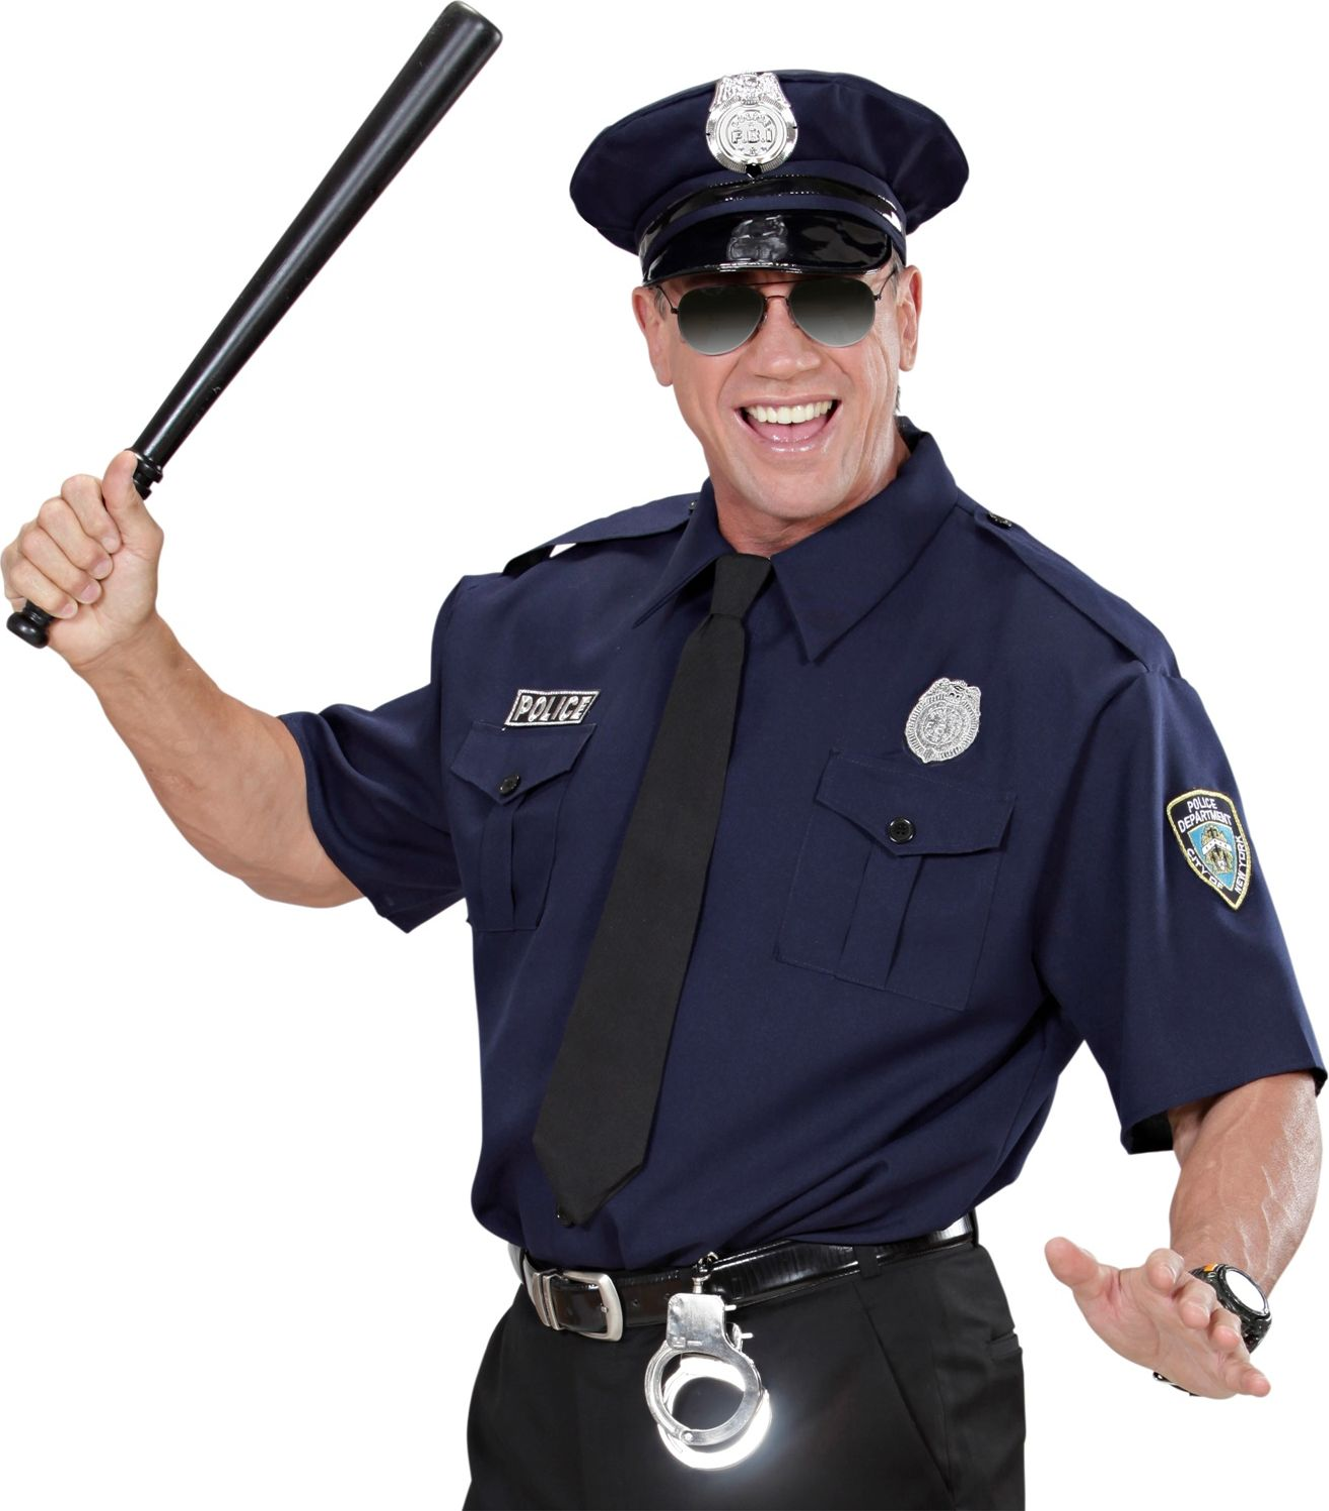 Politie verkleedset